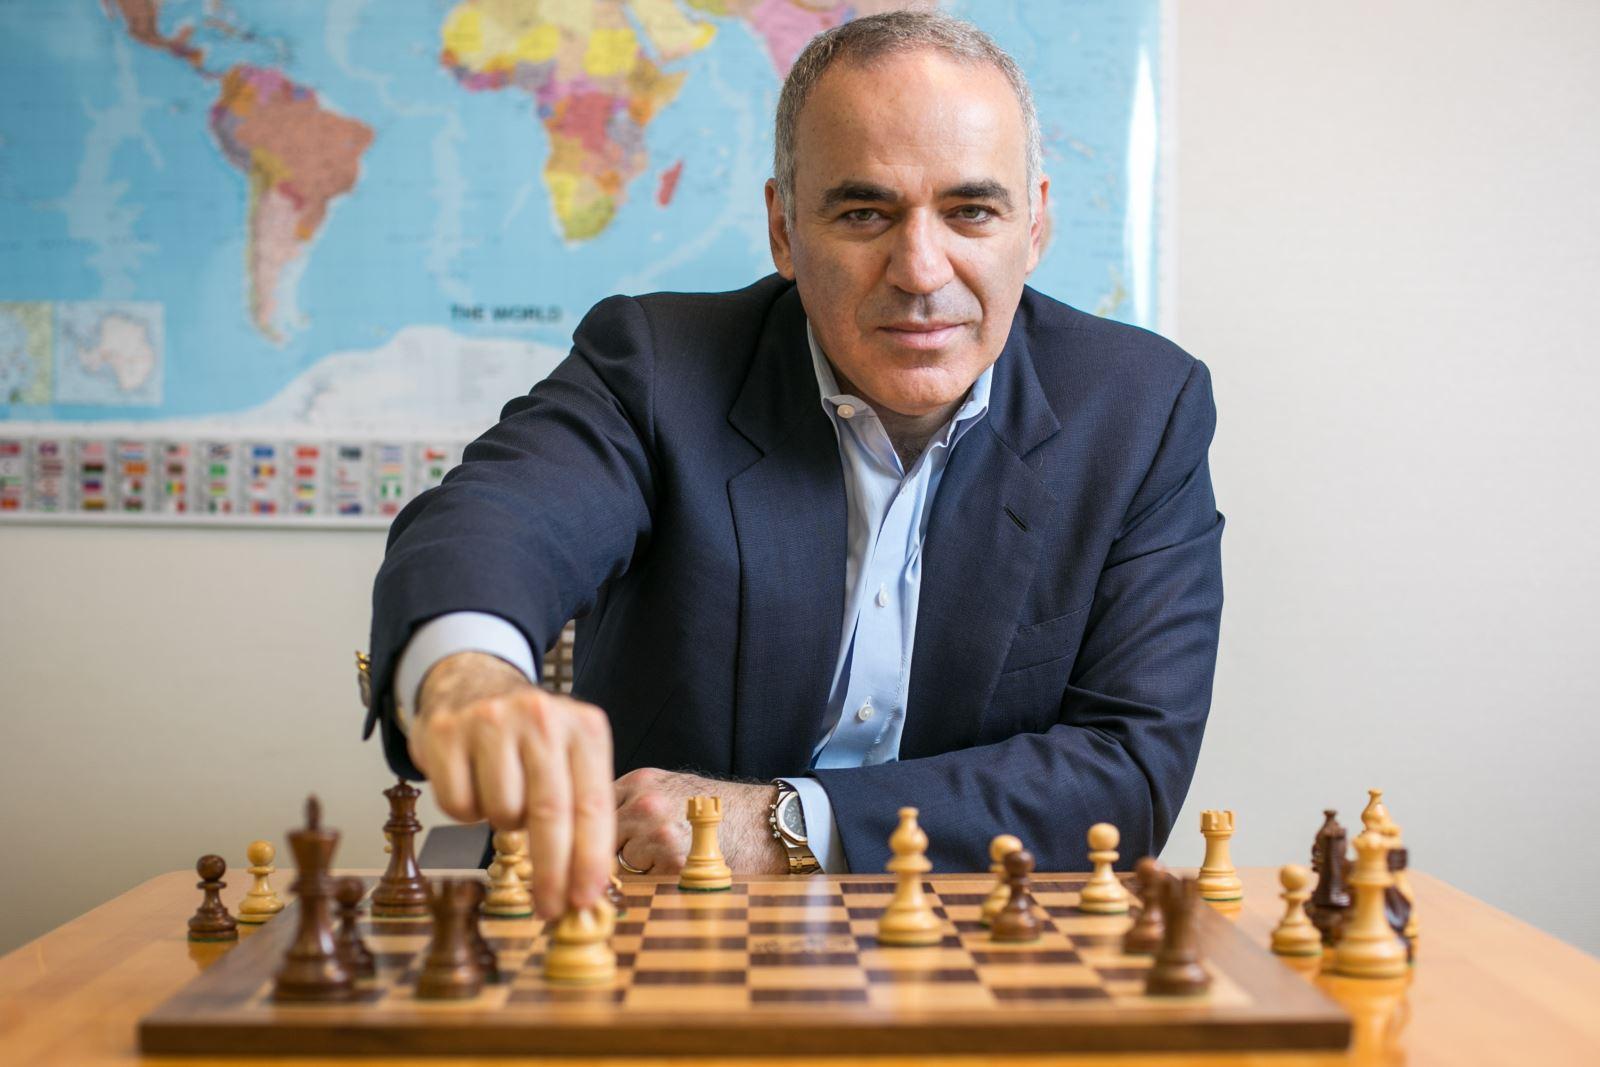 WHAT IS GARRY KASPAROVS IQ? -135